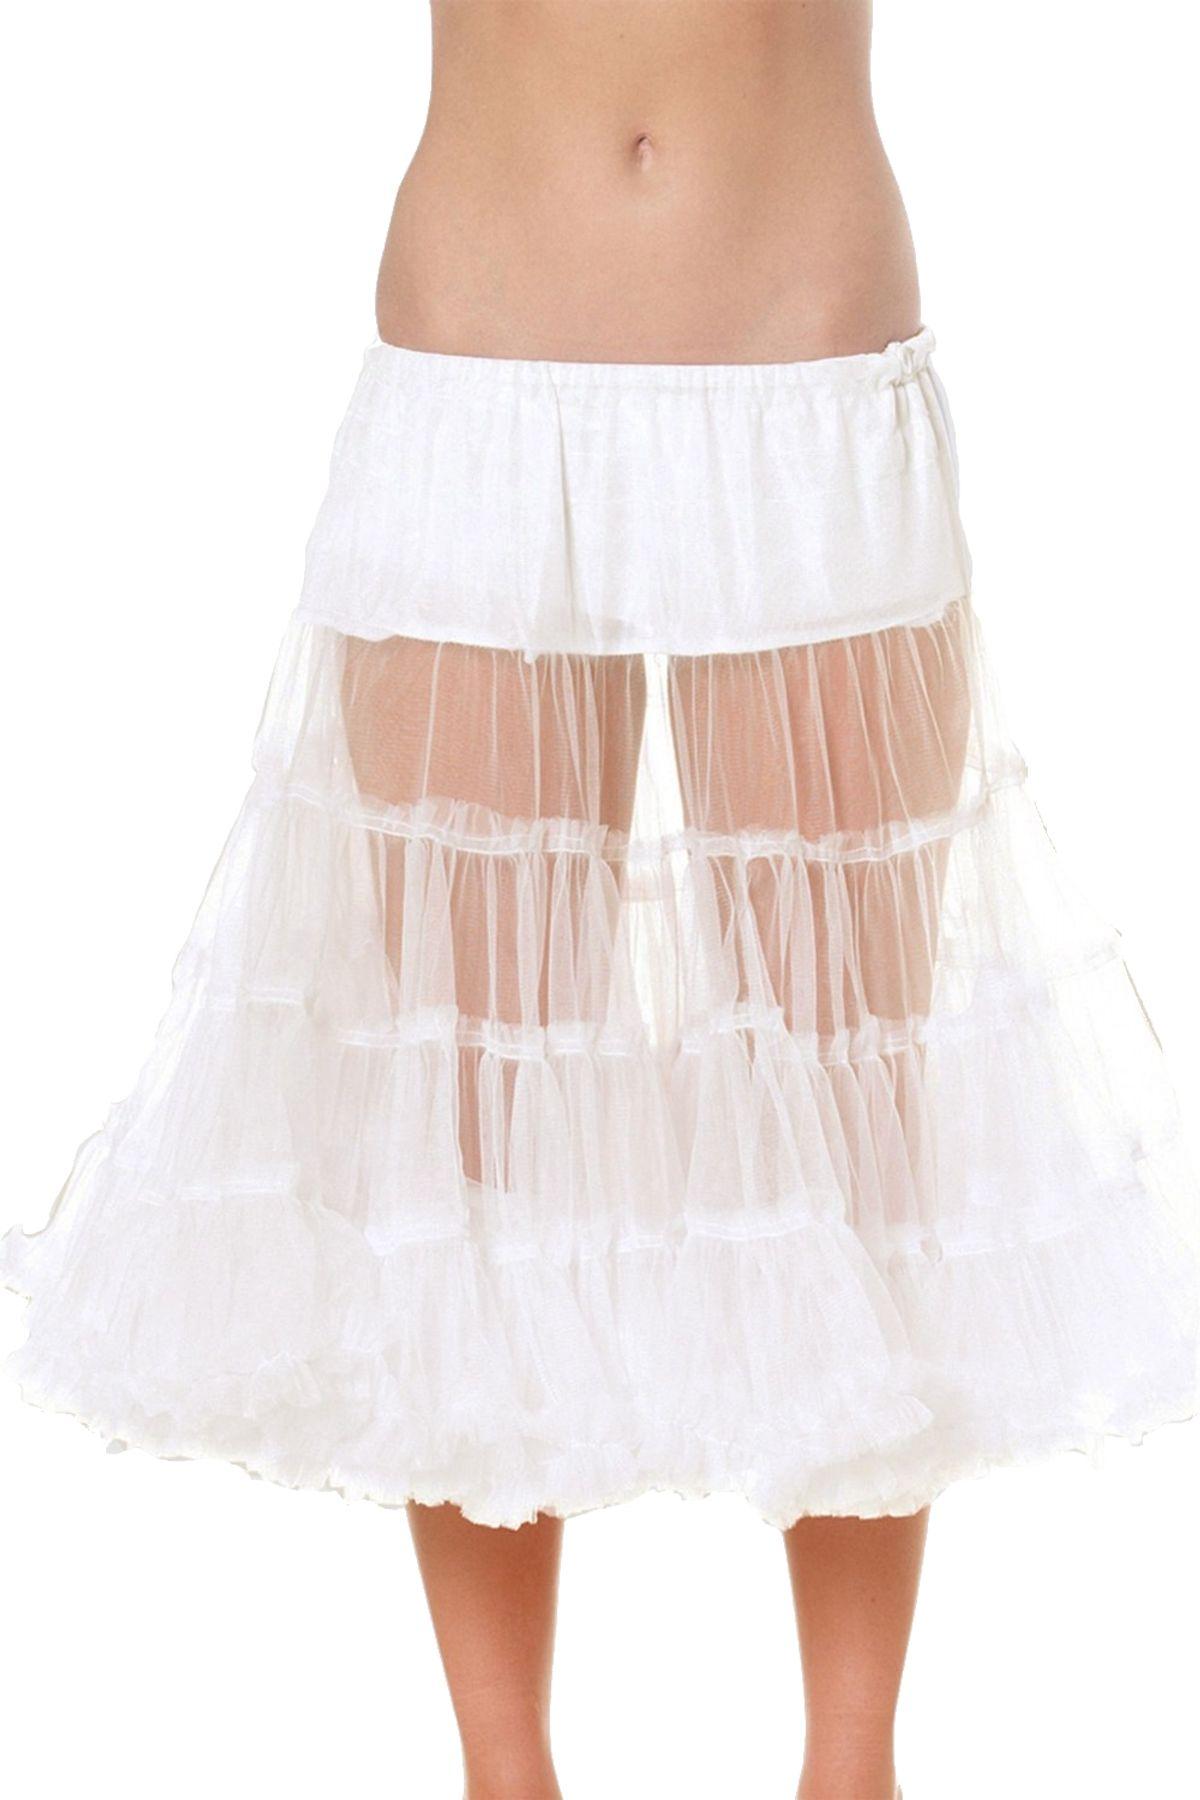 Krüger - Damen Petticoat, 70 cm Länge, Taillenweit ist frei regulierbar von Gr. 32 bis 46 in Weiß , Ecru 70 (Artikelnummer: 470-2) – Bild 1